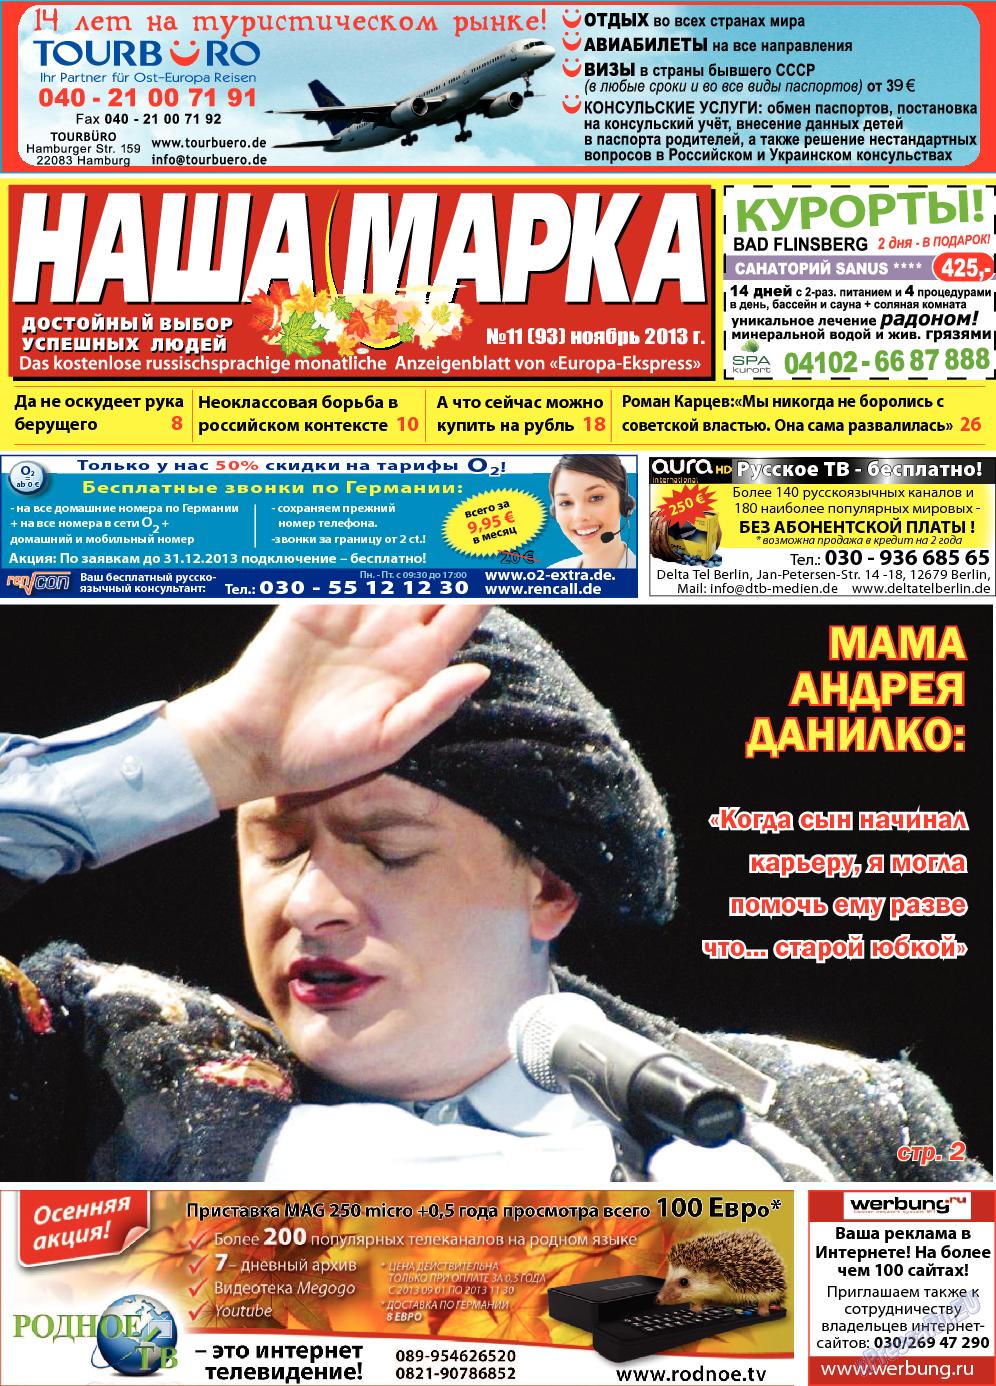 Наша марка (газета). 2013 год, номер 11, стр. 1